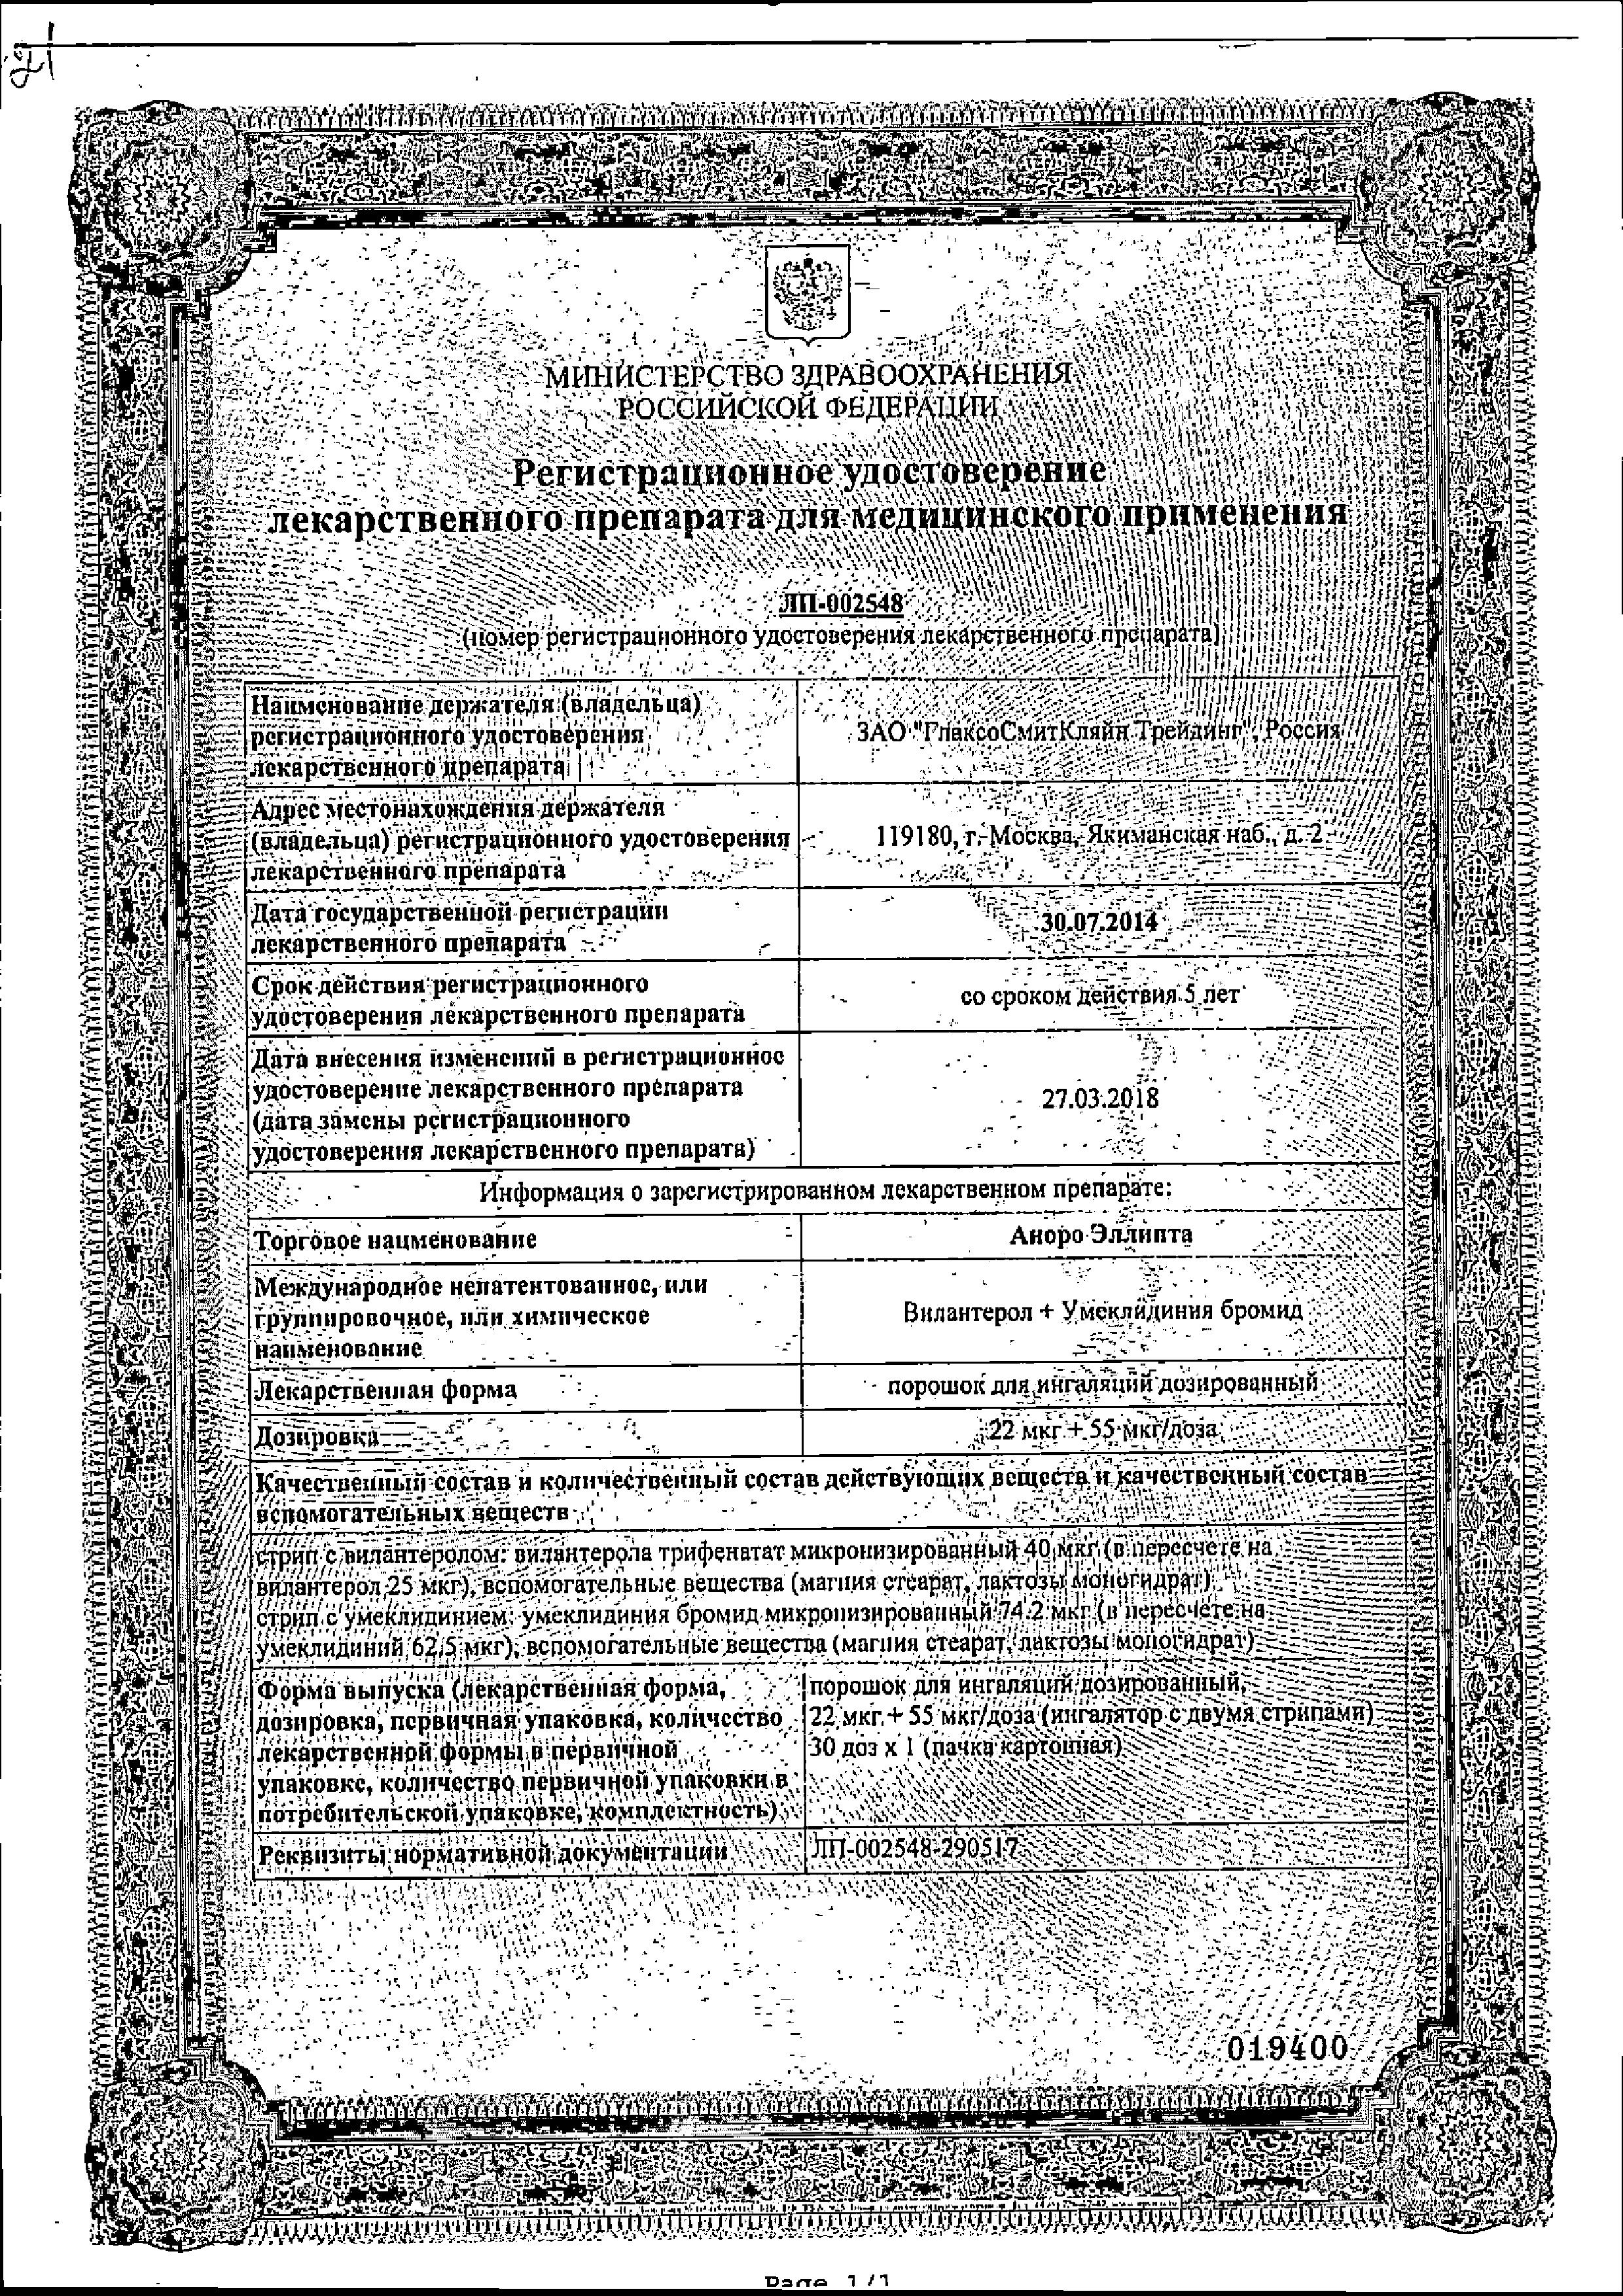 Аноро Эллипта сертификат